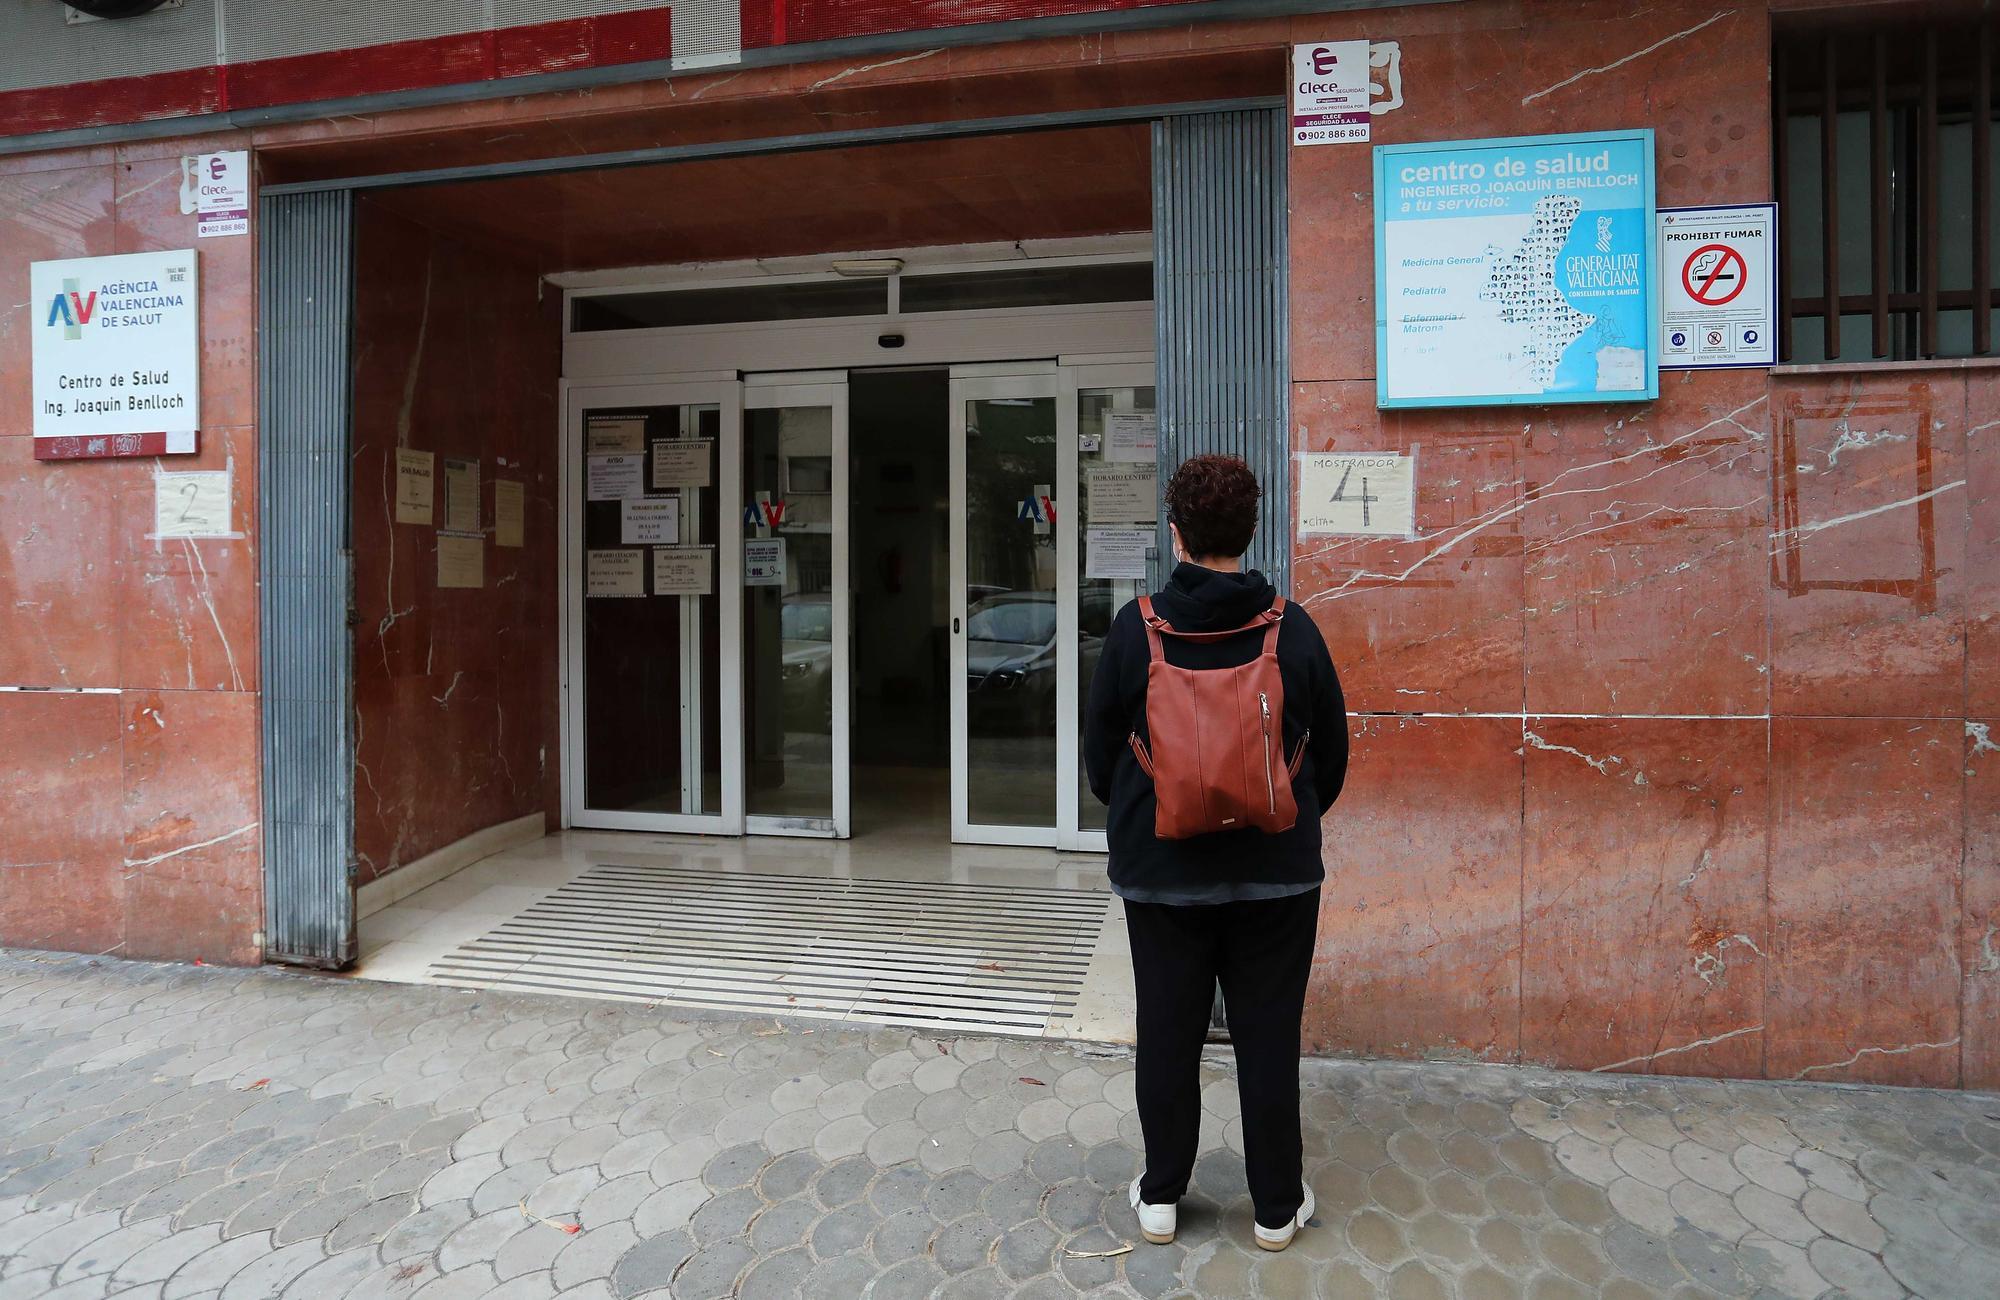 El centro de salud de Ingeniero Joaquín Benlloch, en Malilla, vuelve a la presencialidad